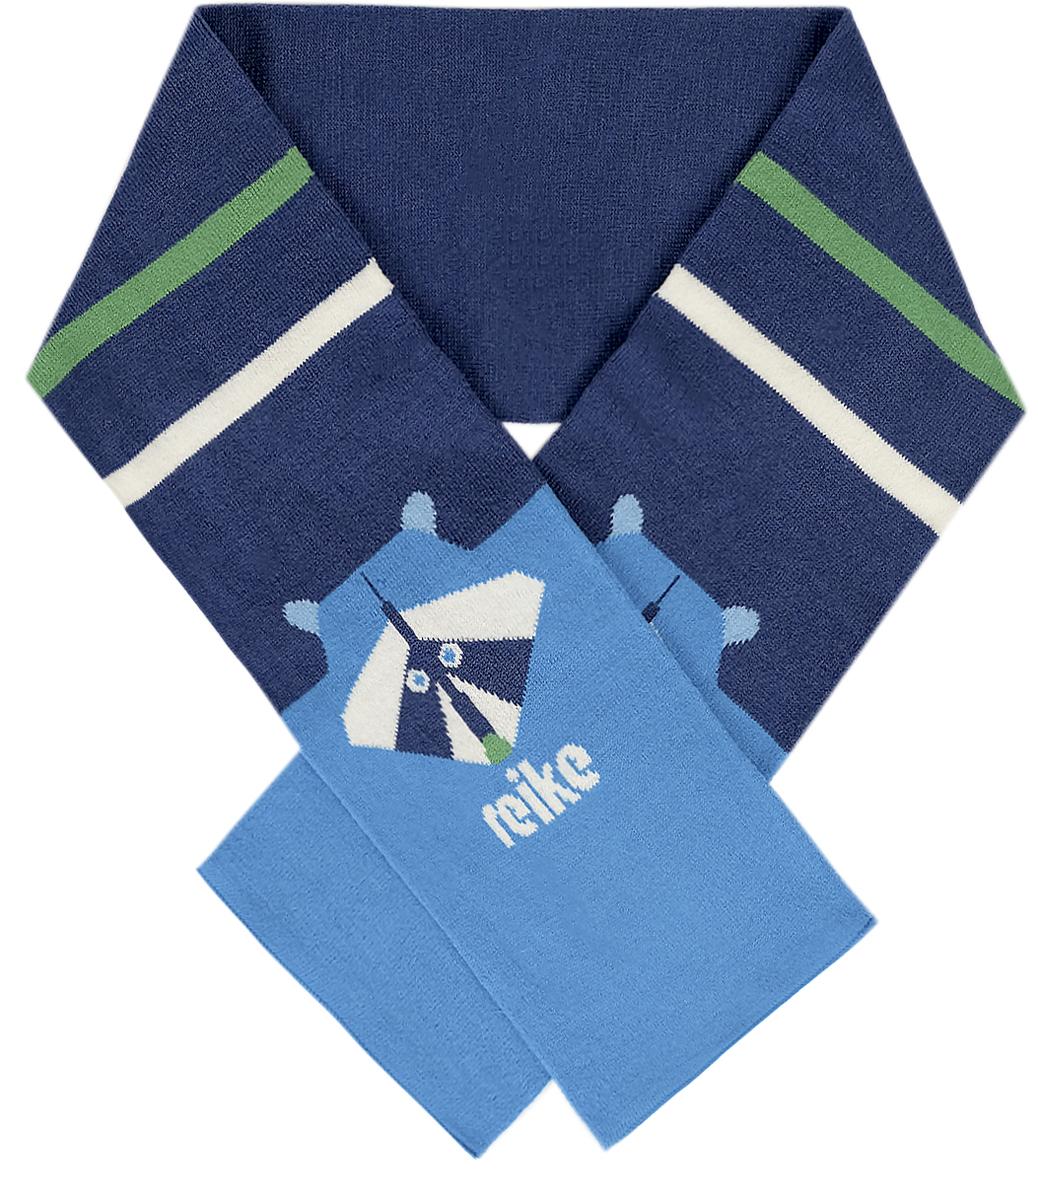 Шарф для мальчиков Reike, цвет: темно-синий. RSC1718_RCN navy. Размер универсальныйRSC1718_RCN navy